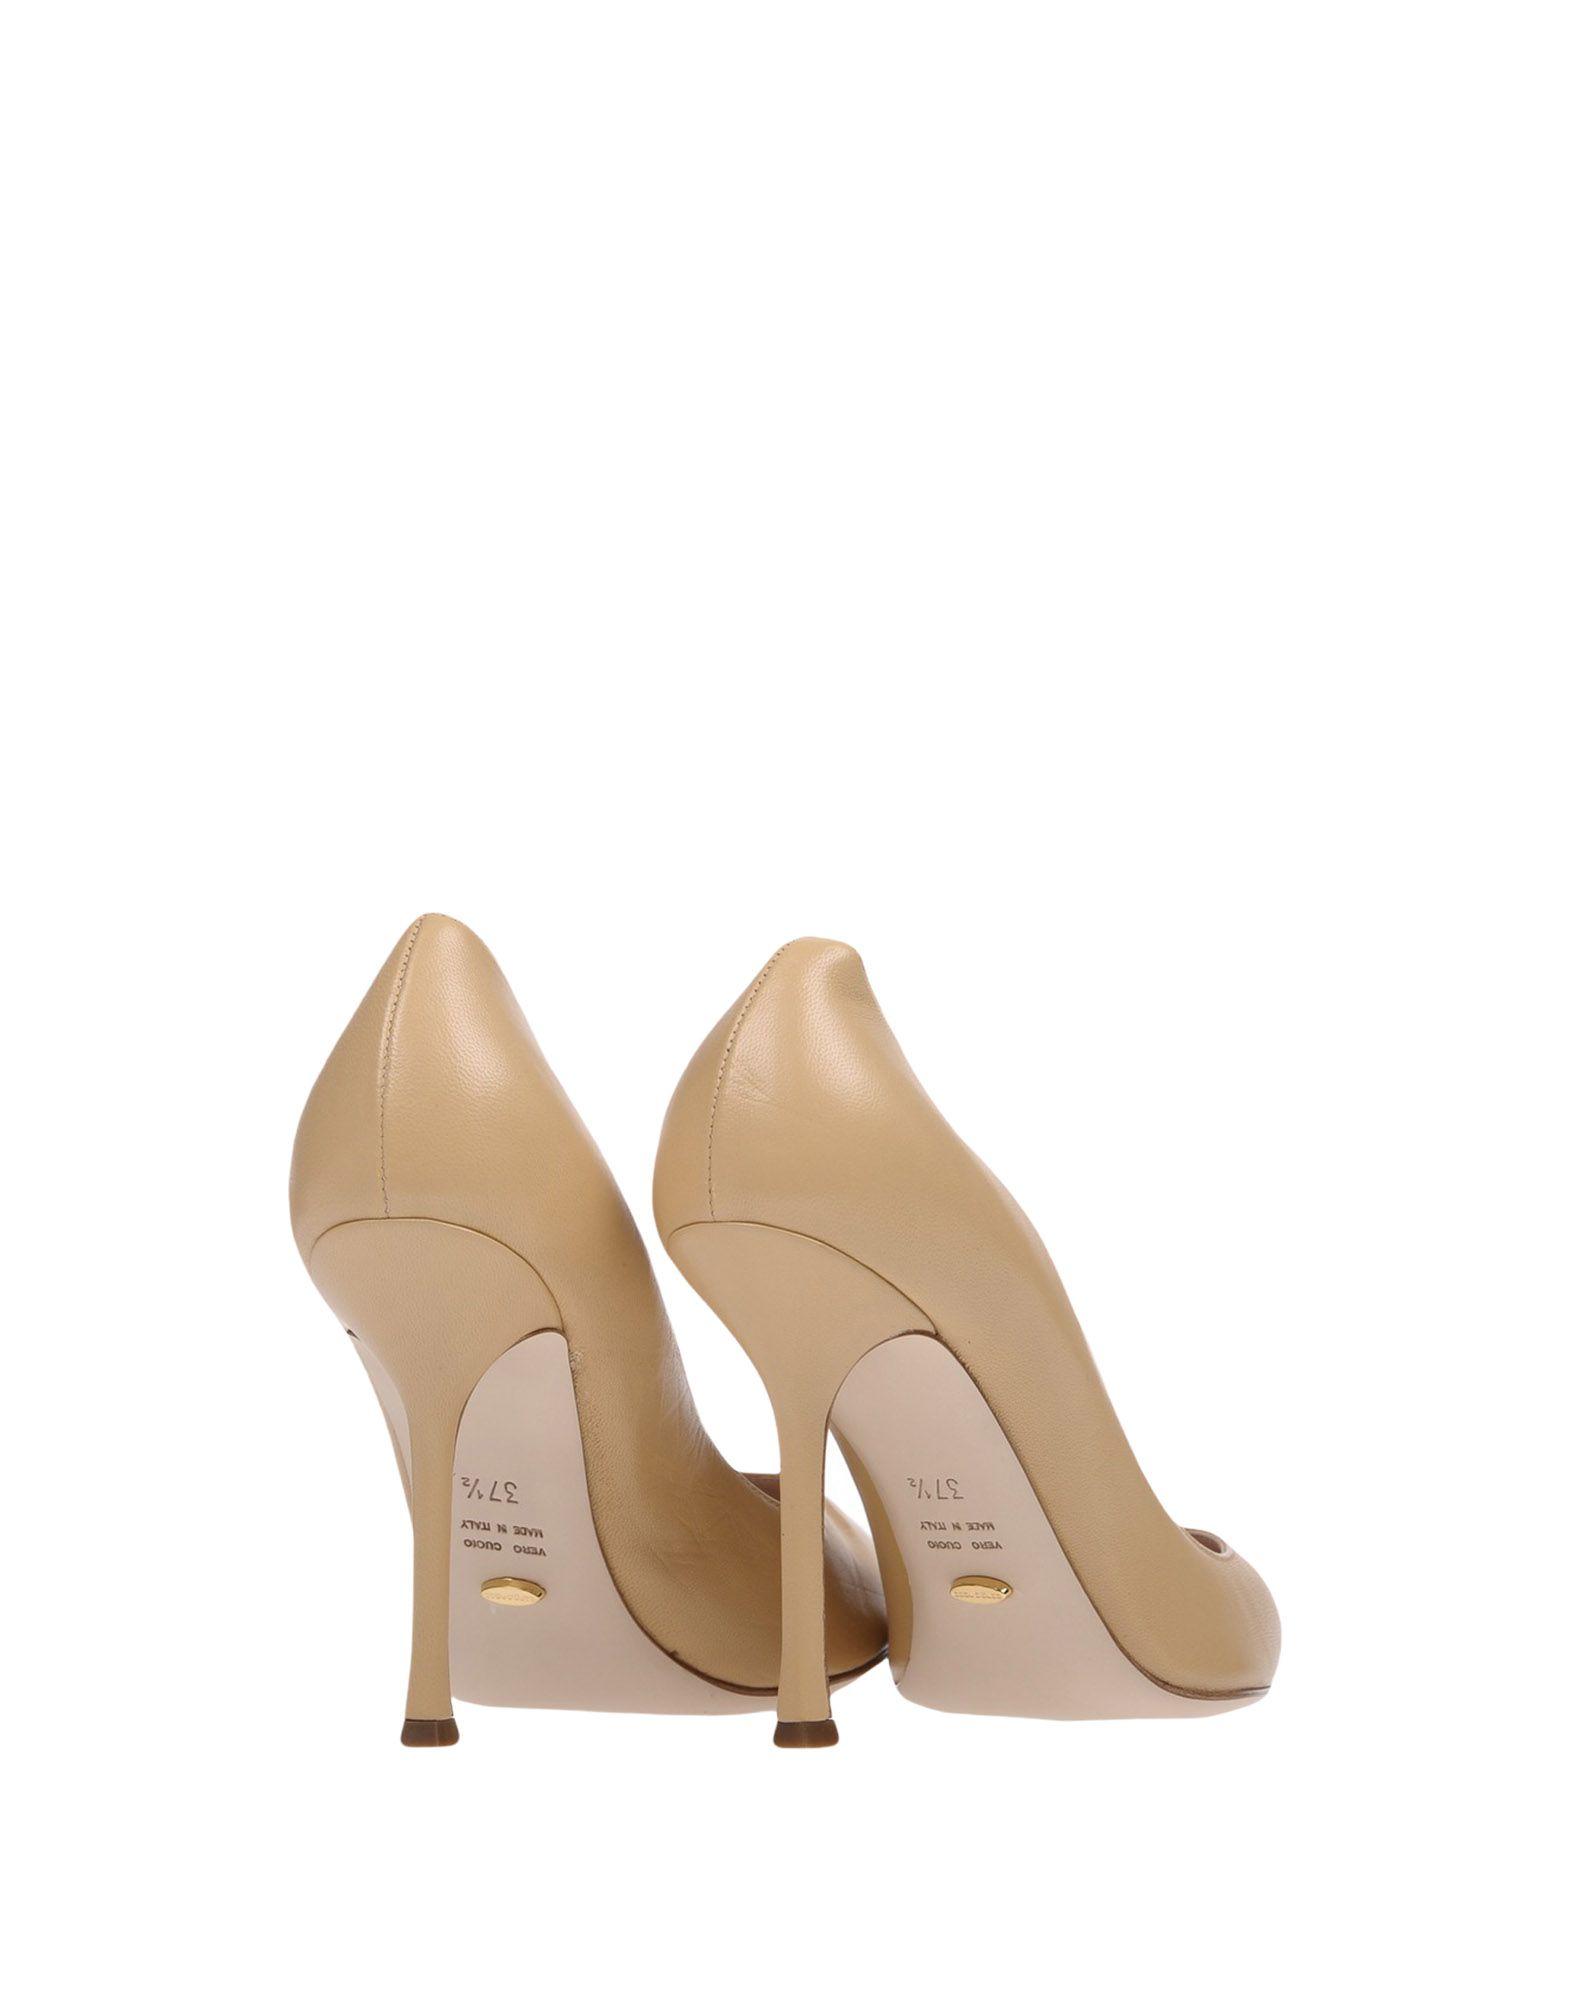 Sergio Damen Rossi Pumps Damen Sergio  11433787WV Beliebte Schuhe 66bb2b